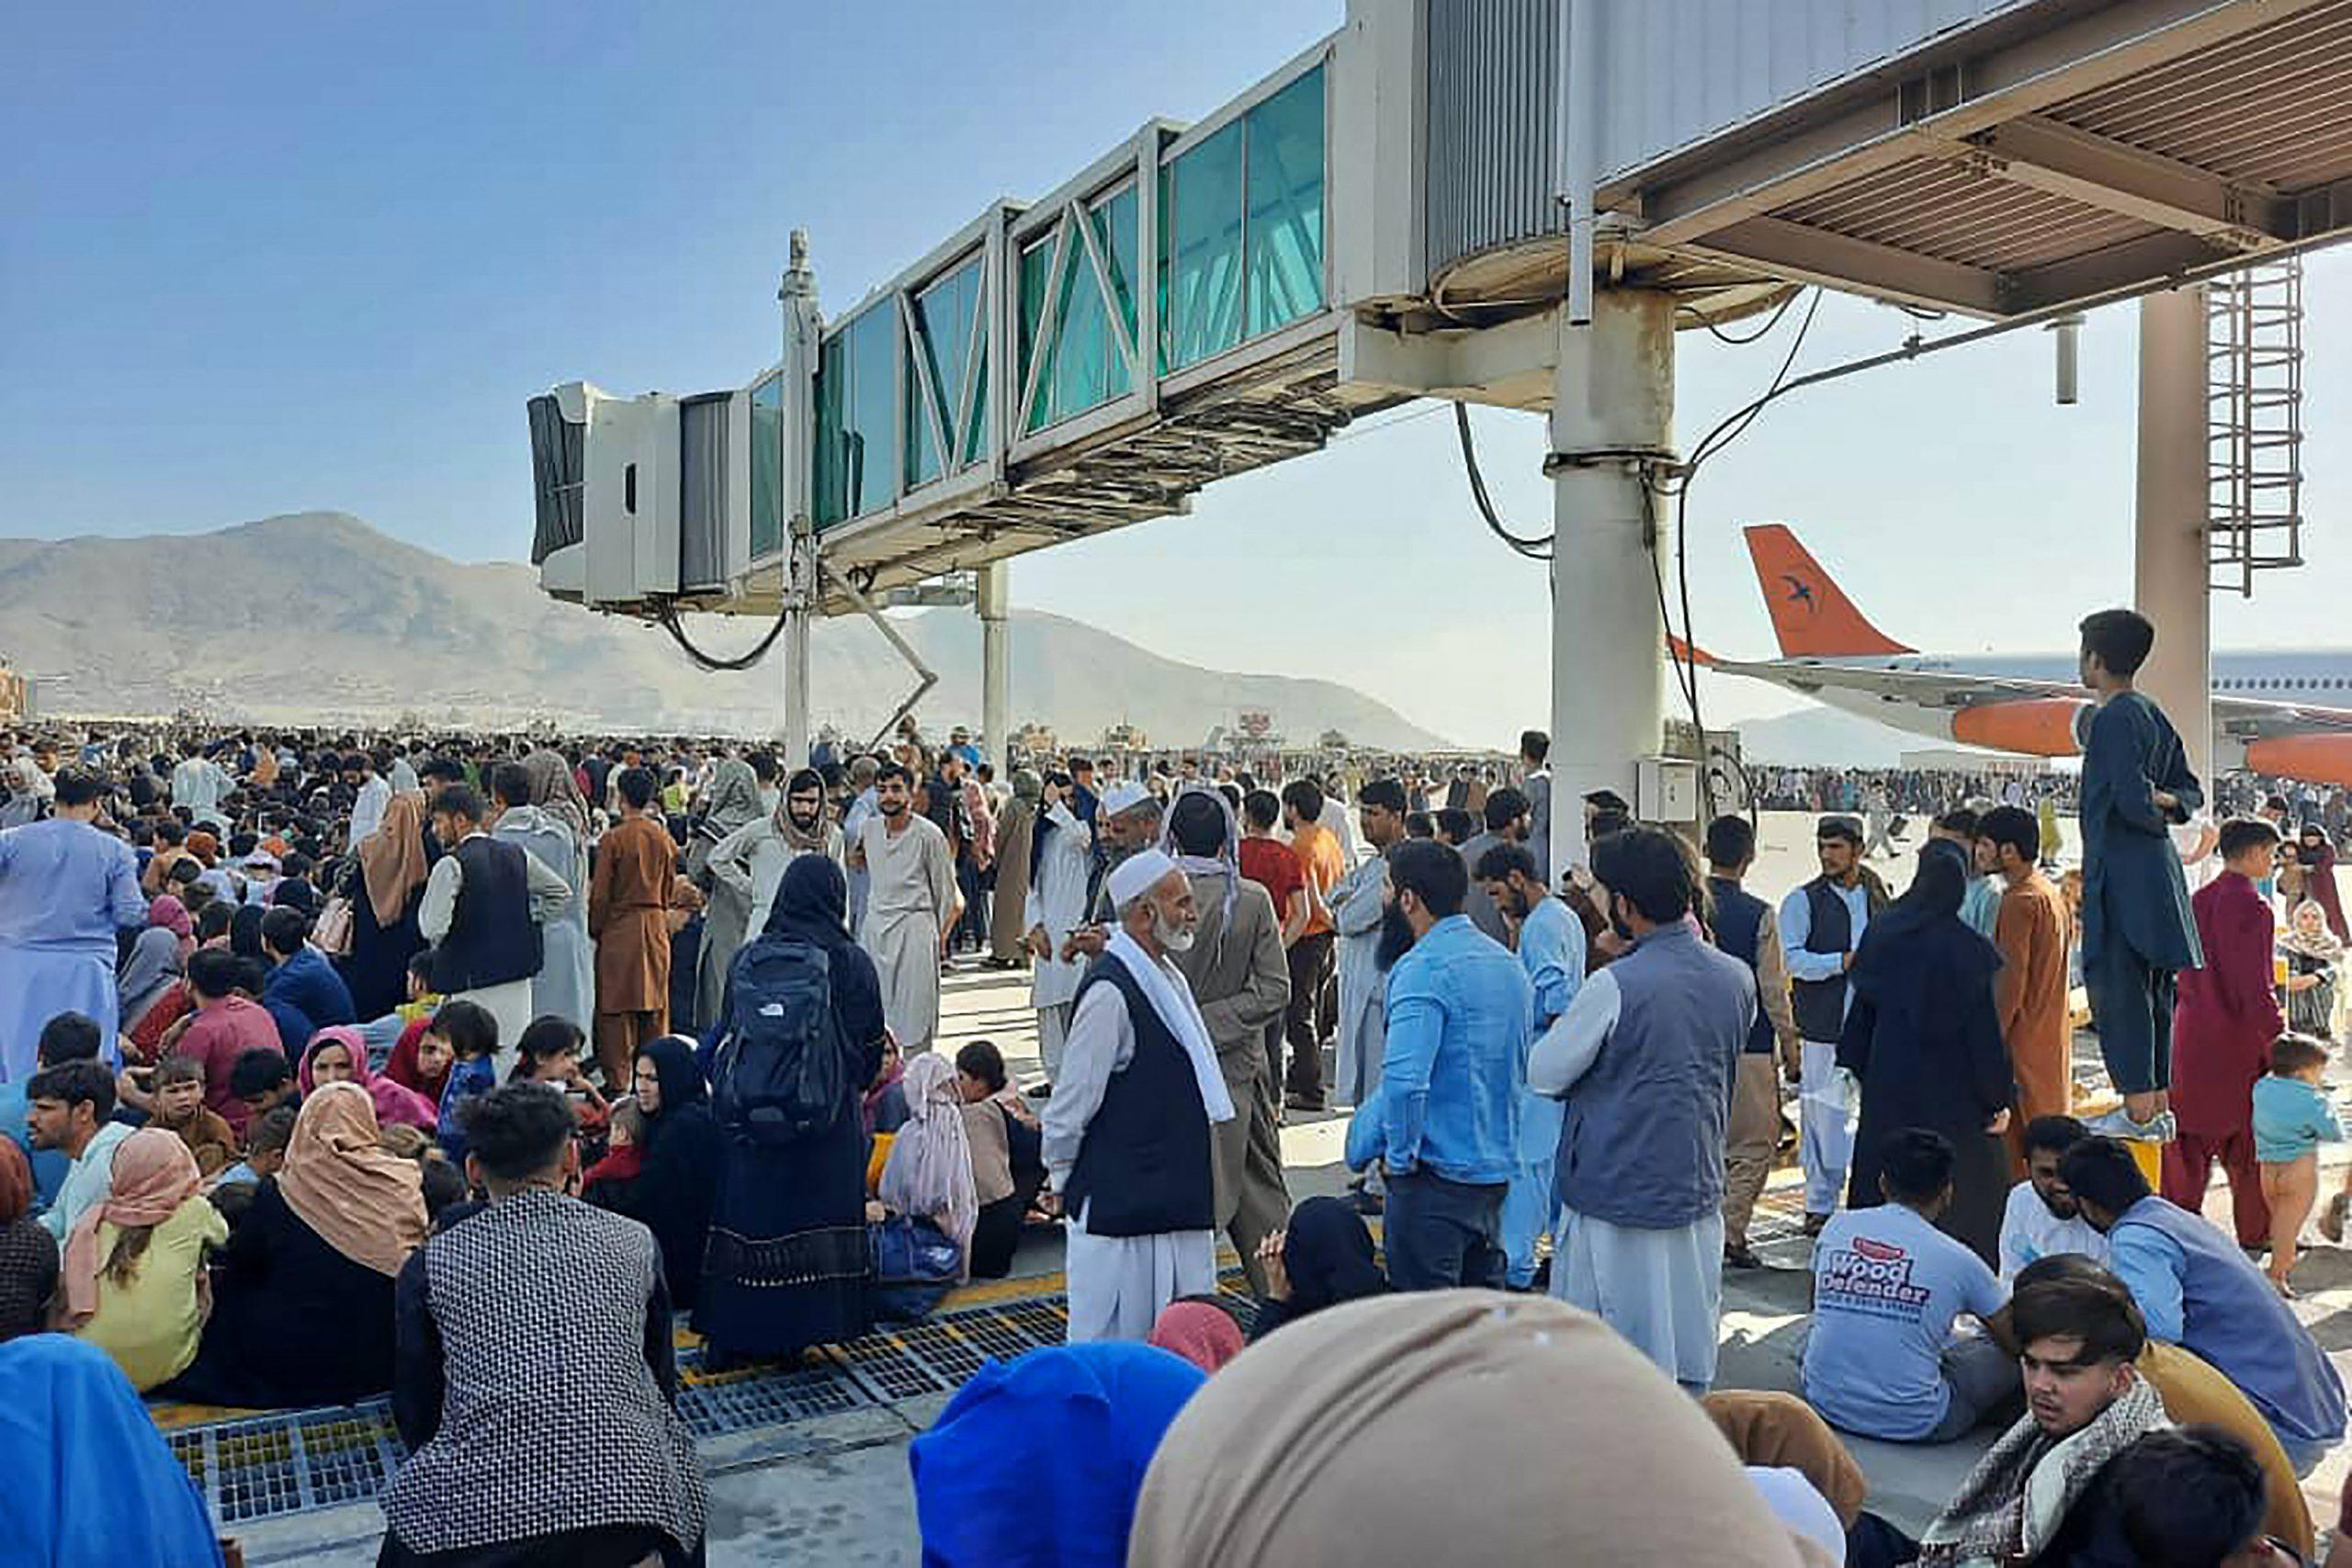 Menschenmenge auf Kabuler Flughafen –  US-Militär gibt Warnschüsse ab